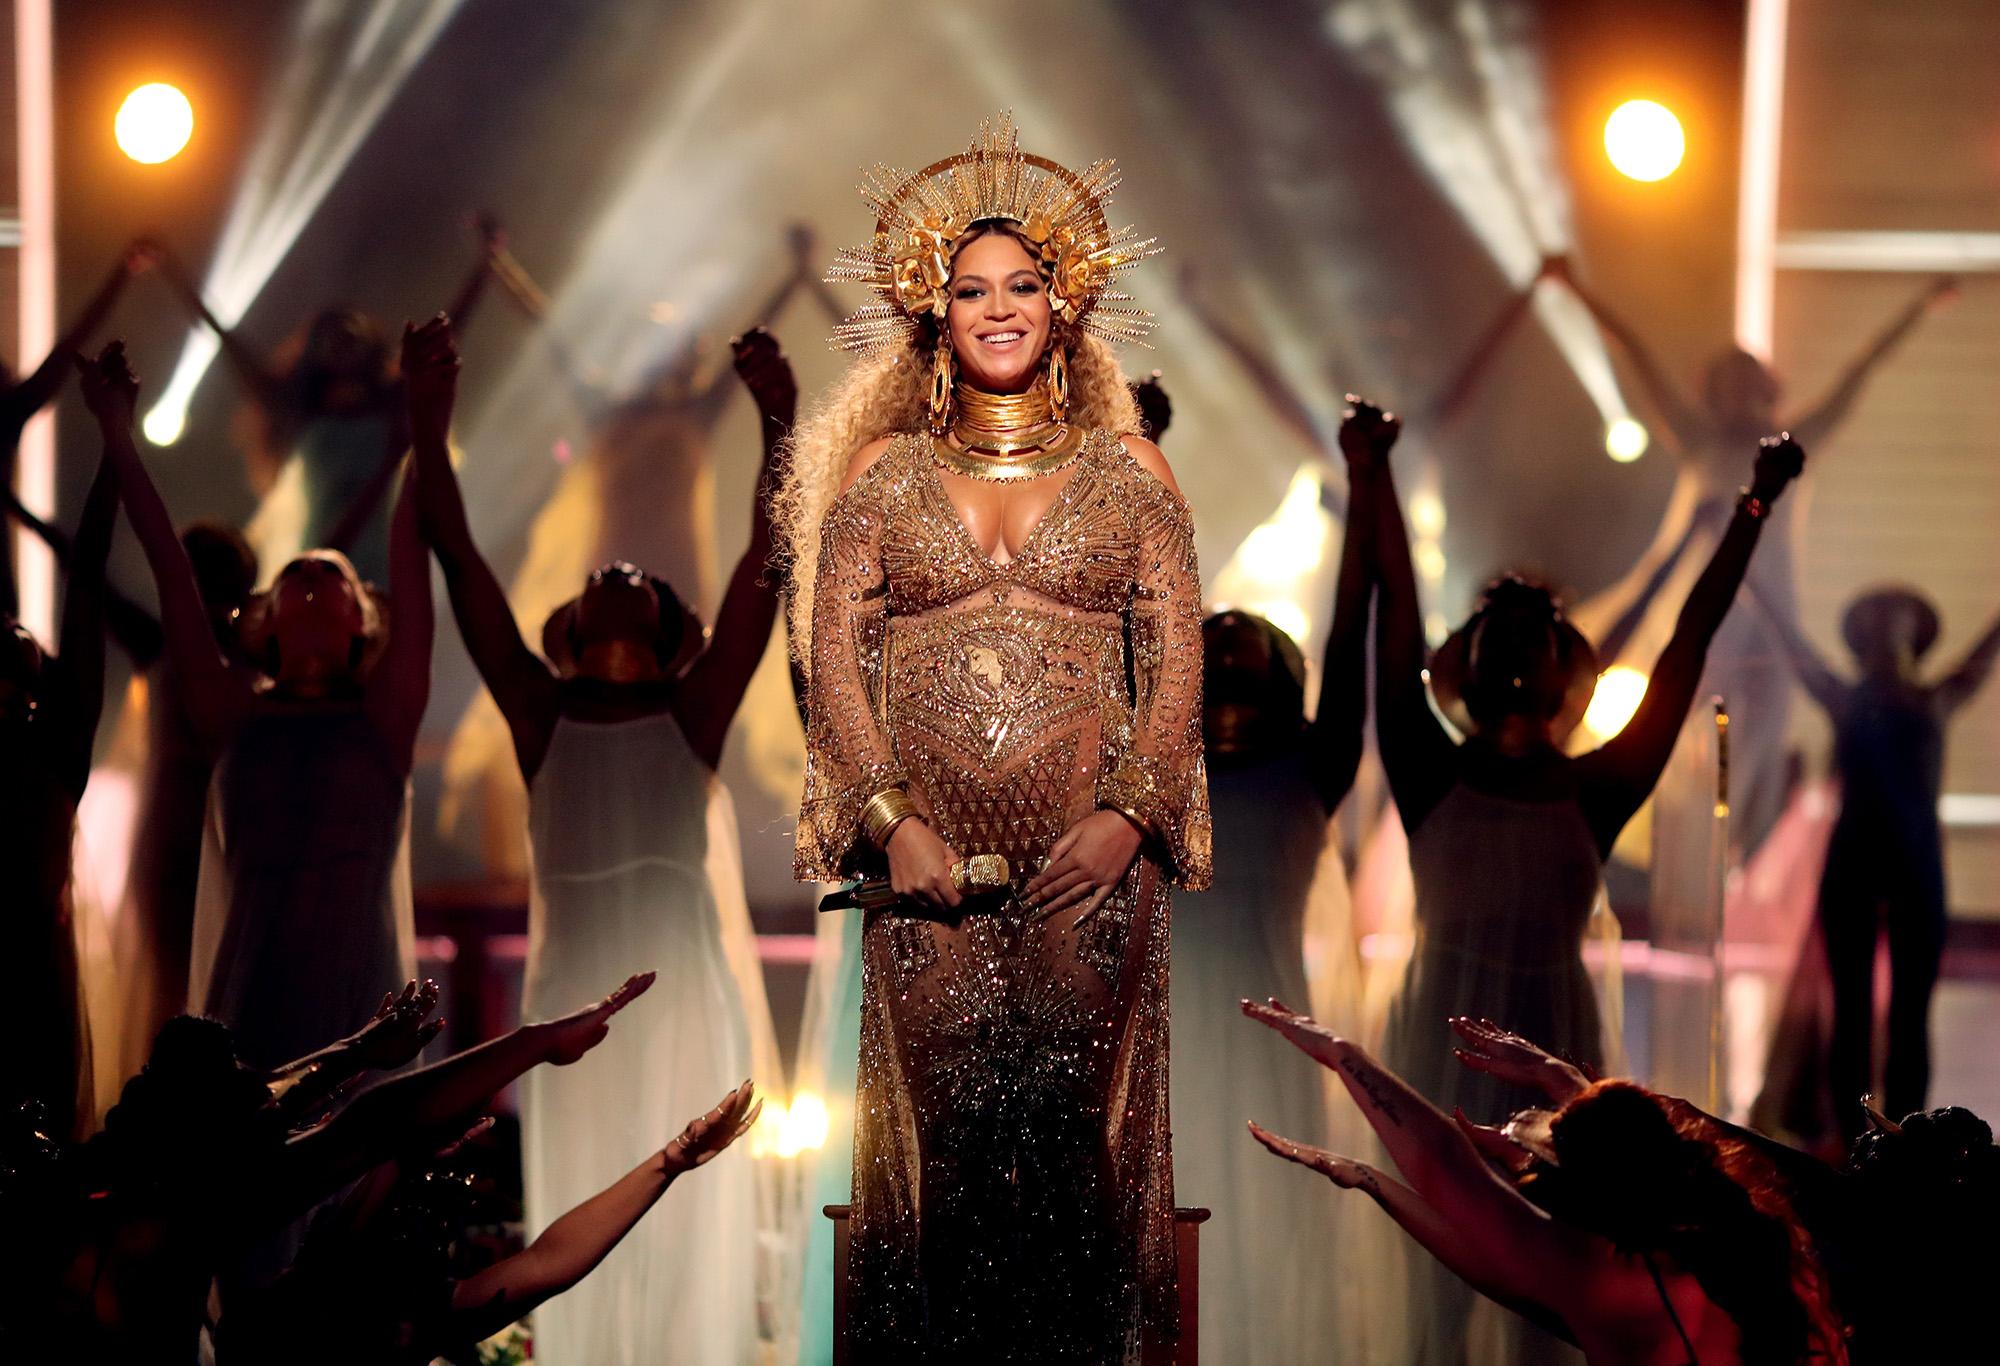 Detox diet of Beyonce Knowles